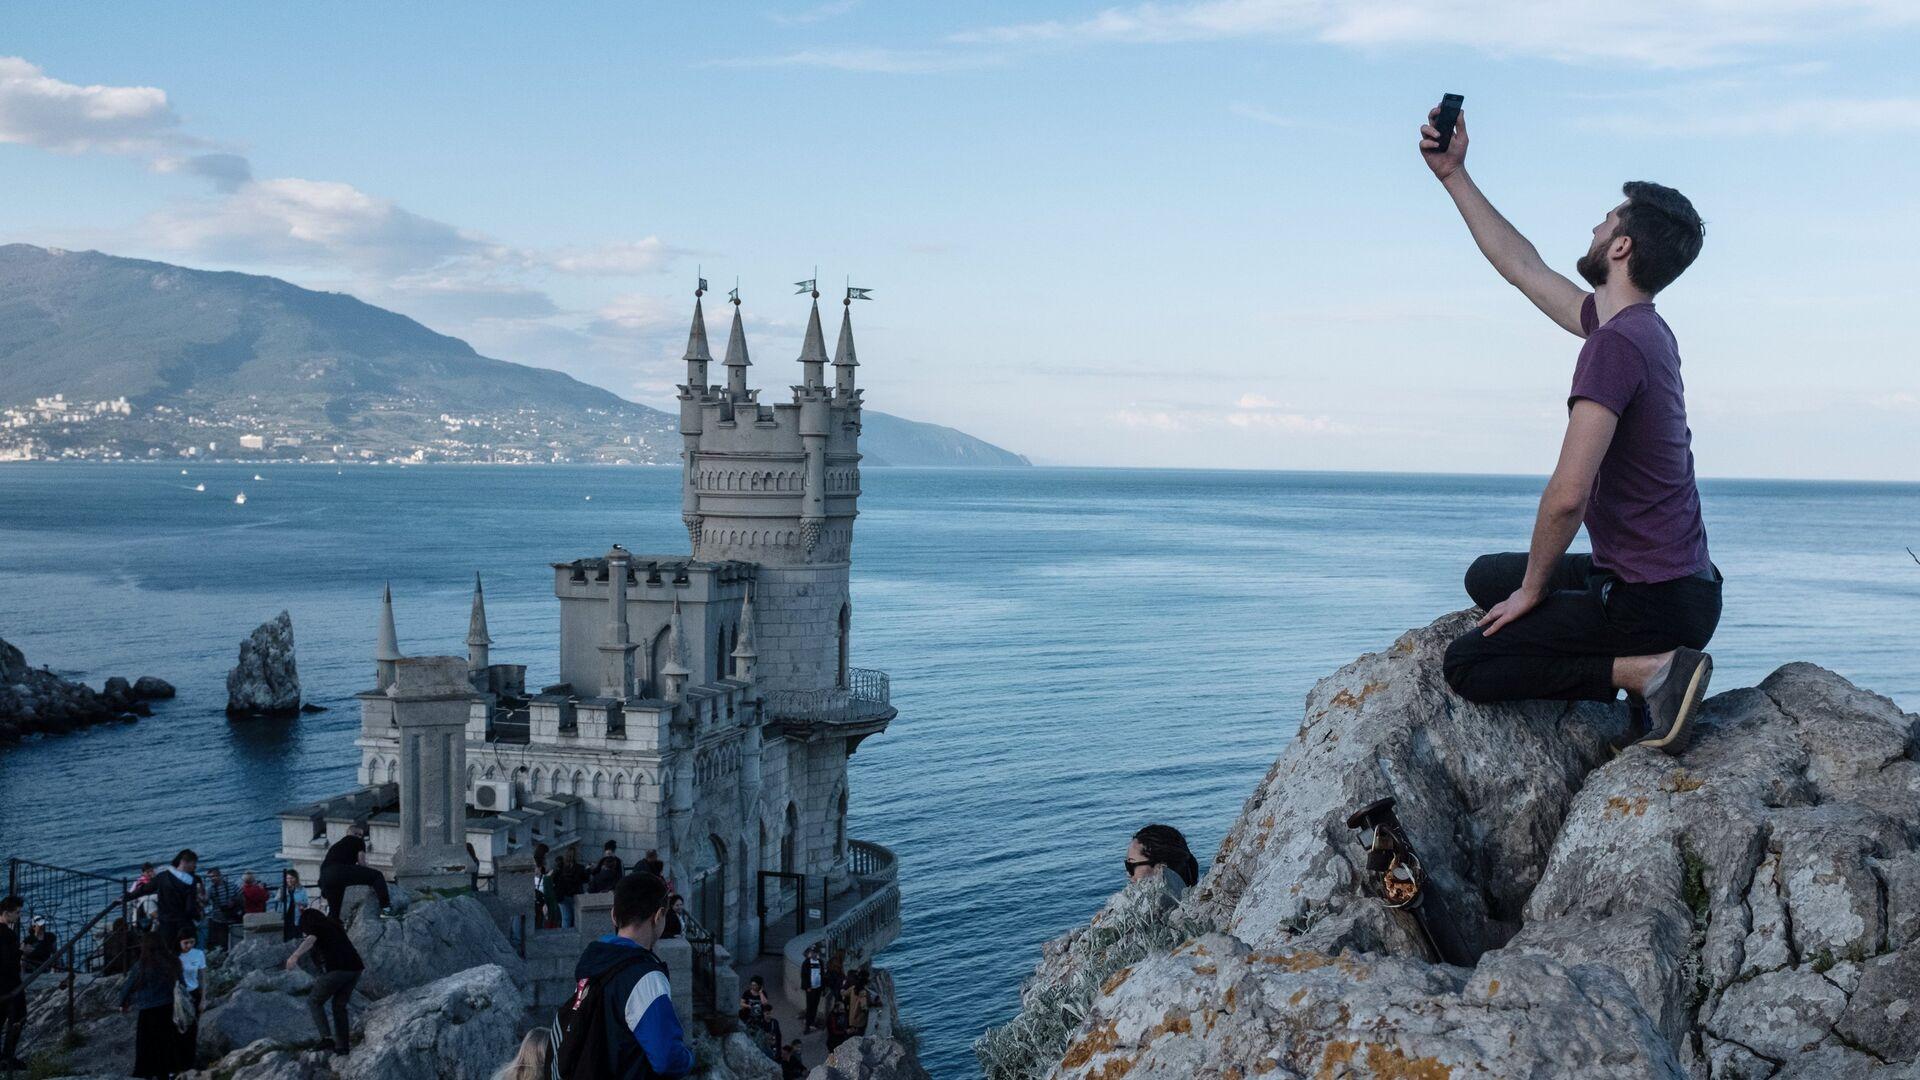 Туристы на береговой скале рядом с замком Ласточкино гнездо в поселке Гаспра в Крыму. - РИА Новости, 1920, 17.09.2020